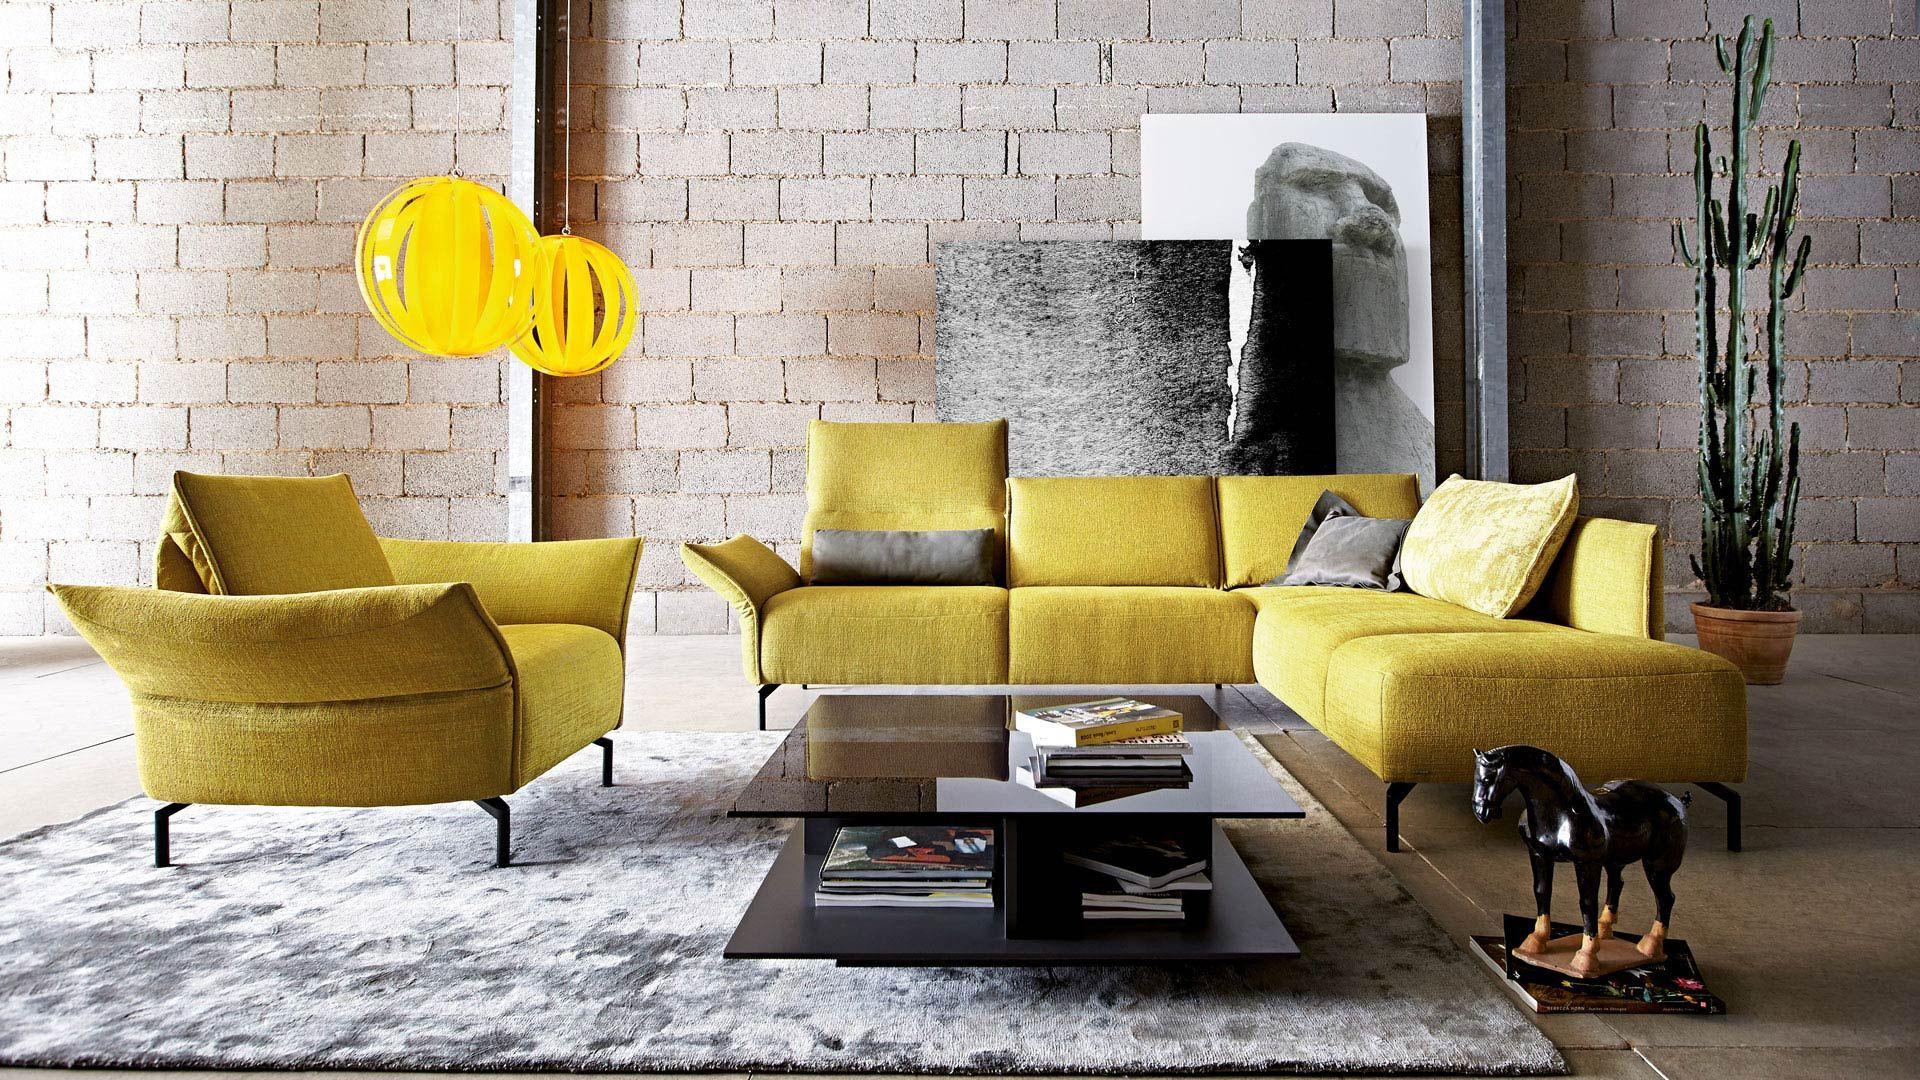 Koinor Vanda F U R N I T U R E Sofa Living Room Room